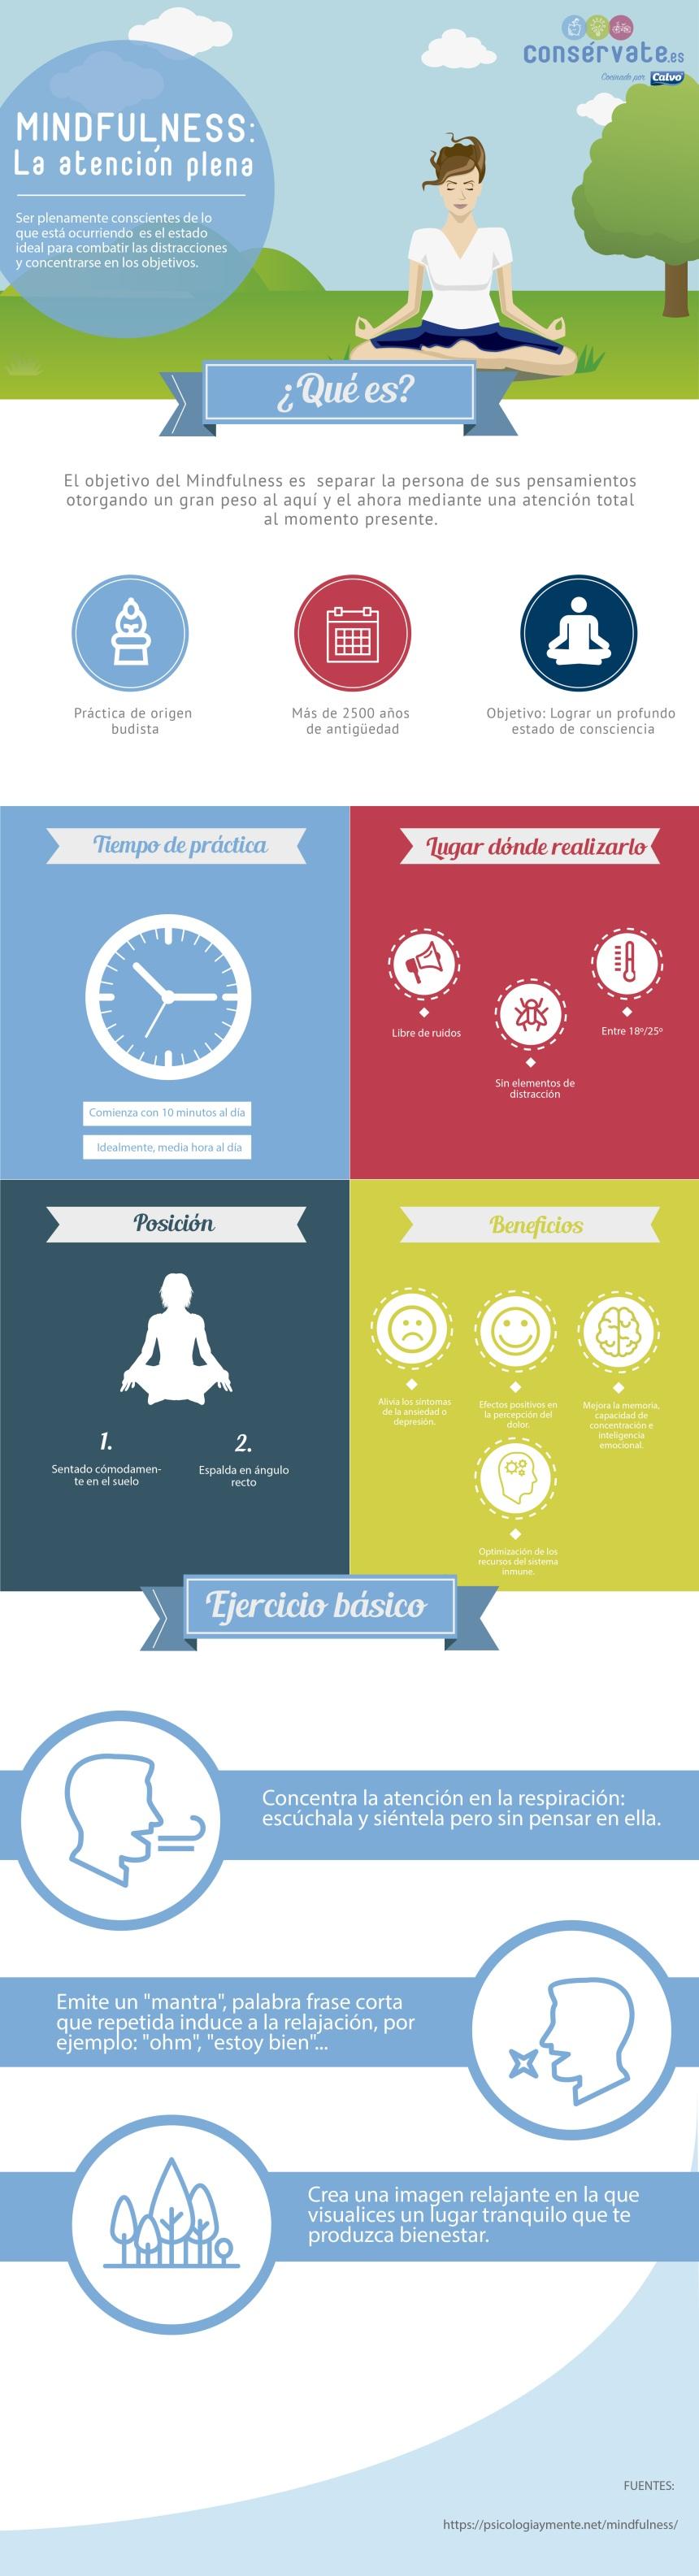 Mindfulness: la atención plena